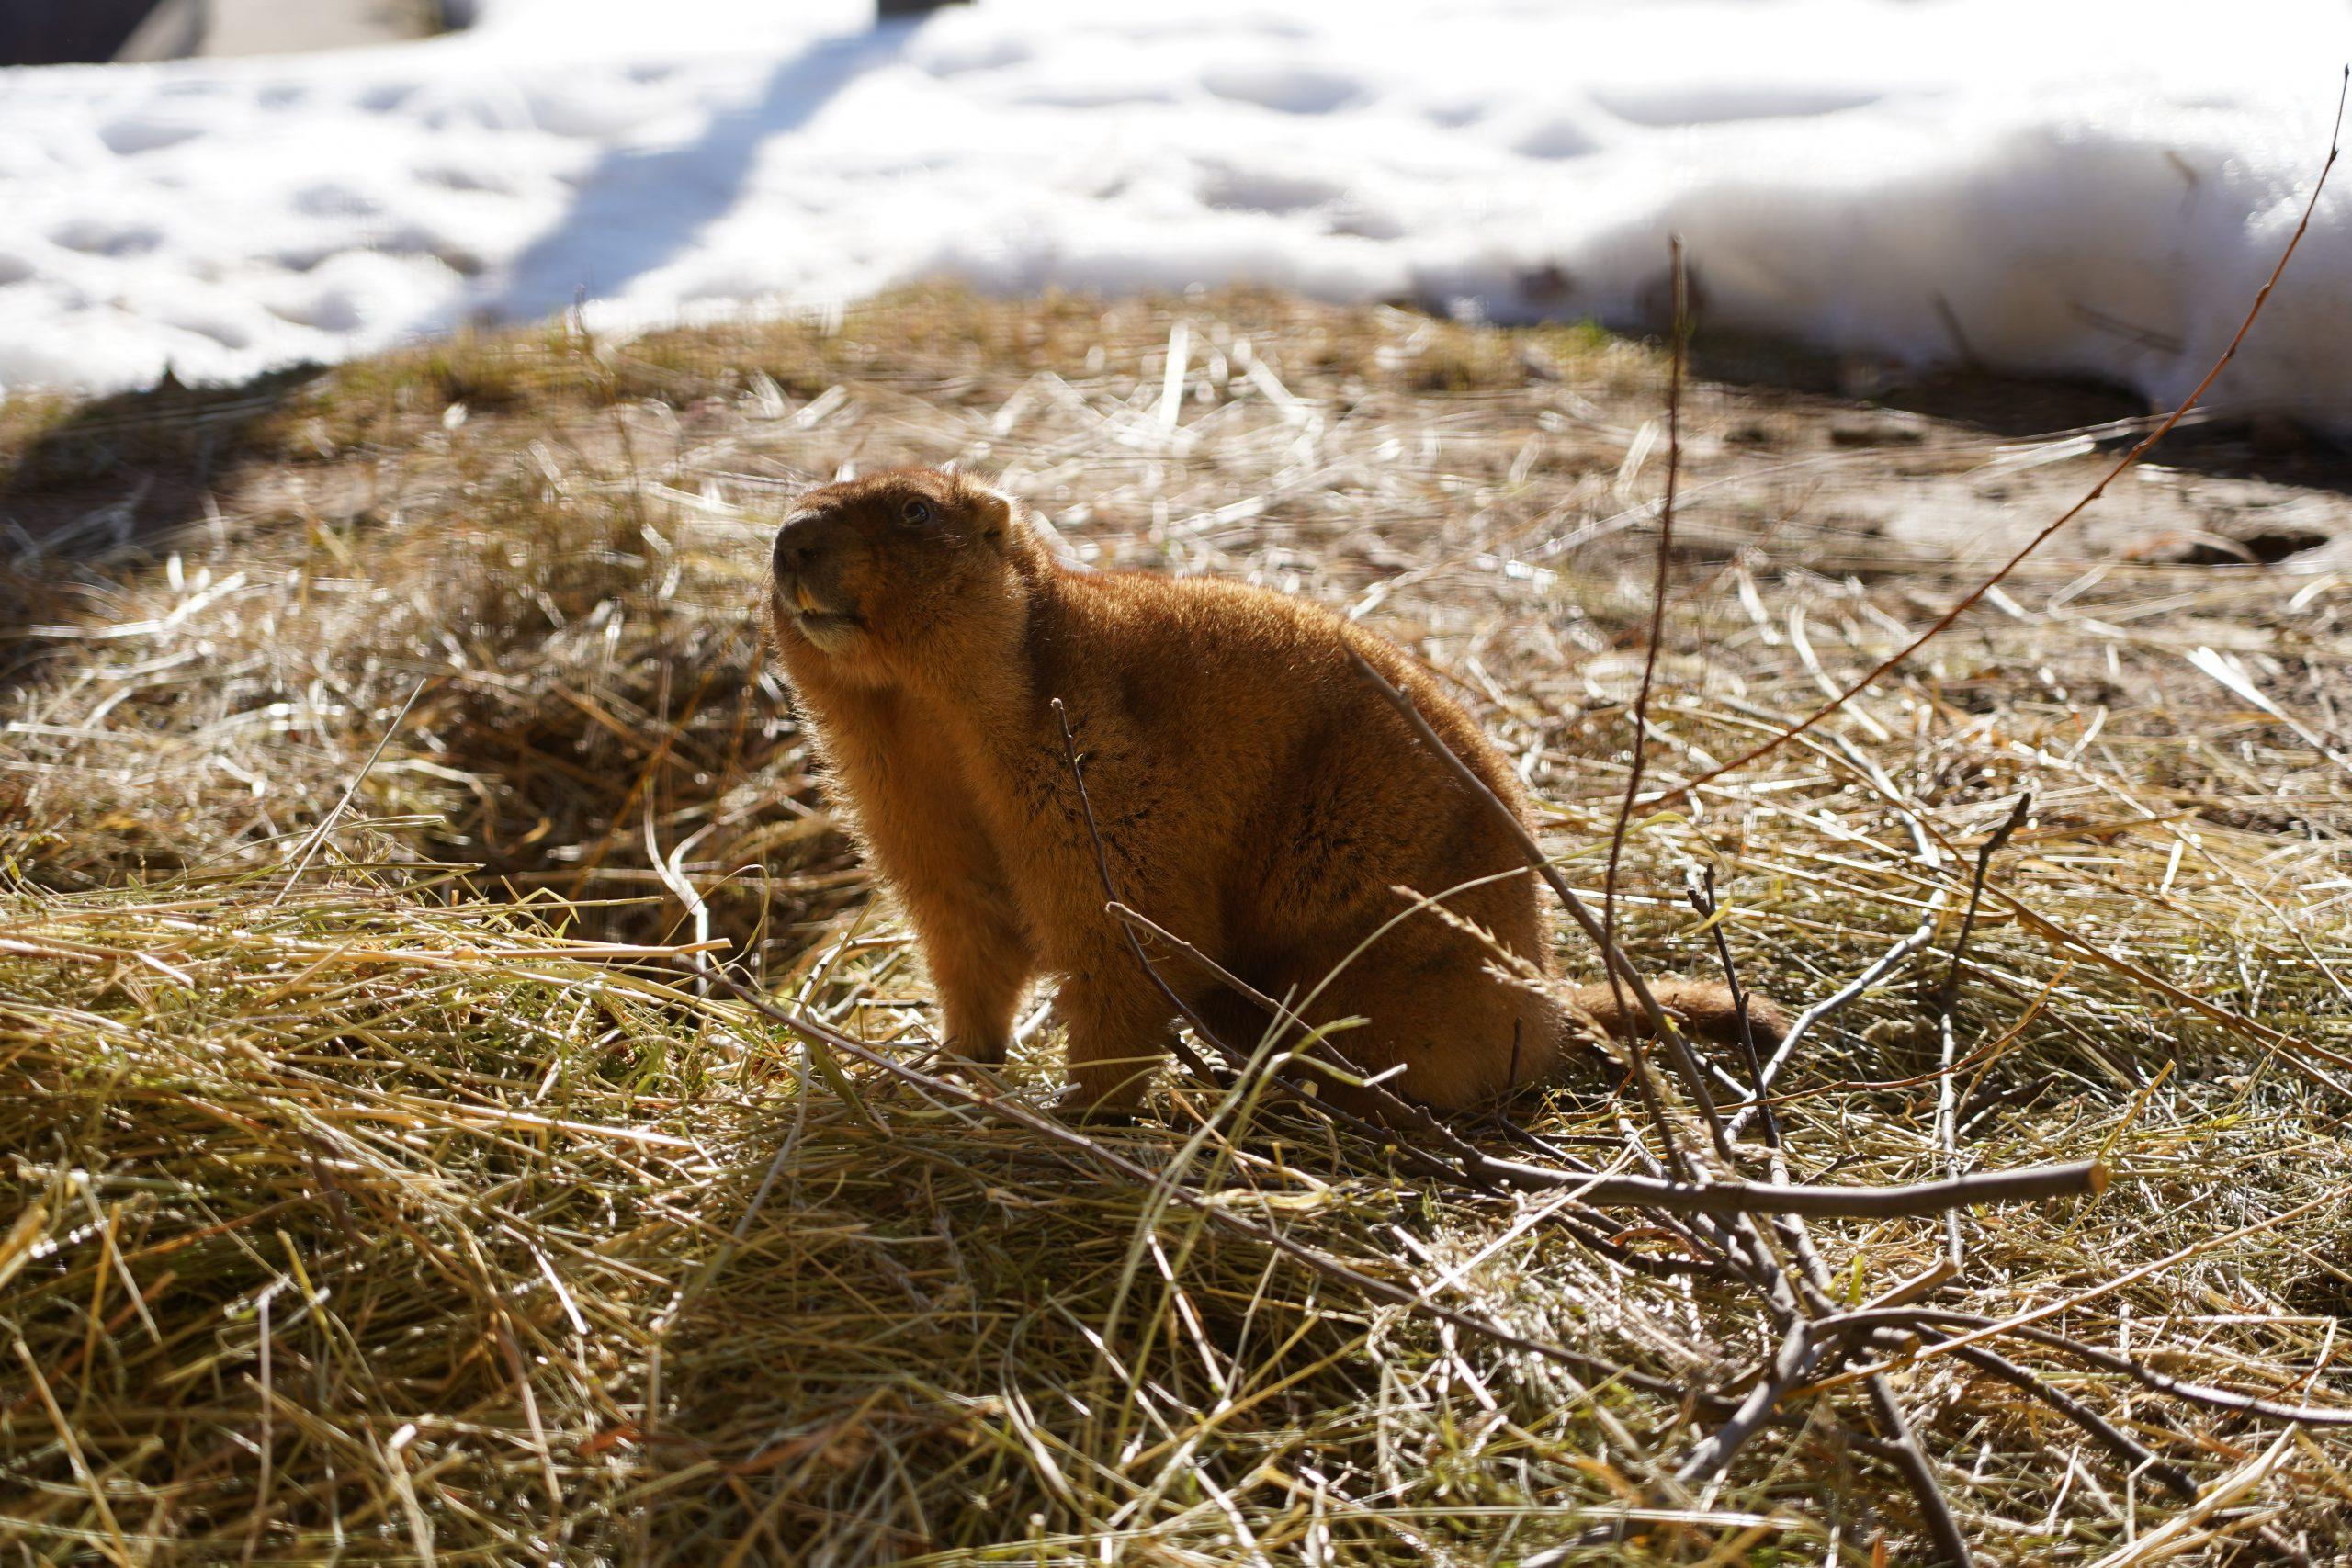 Сурки Московского зоопарка вышли из зимней спячки. Фото предоставили в пресс-службе Московского зоопарка